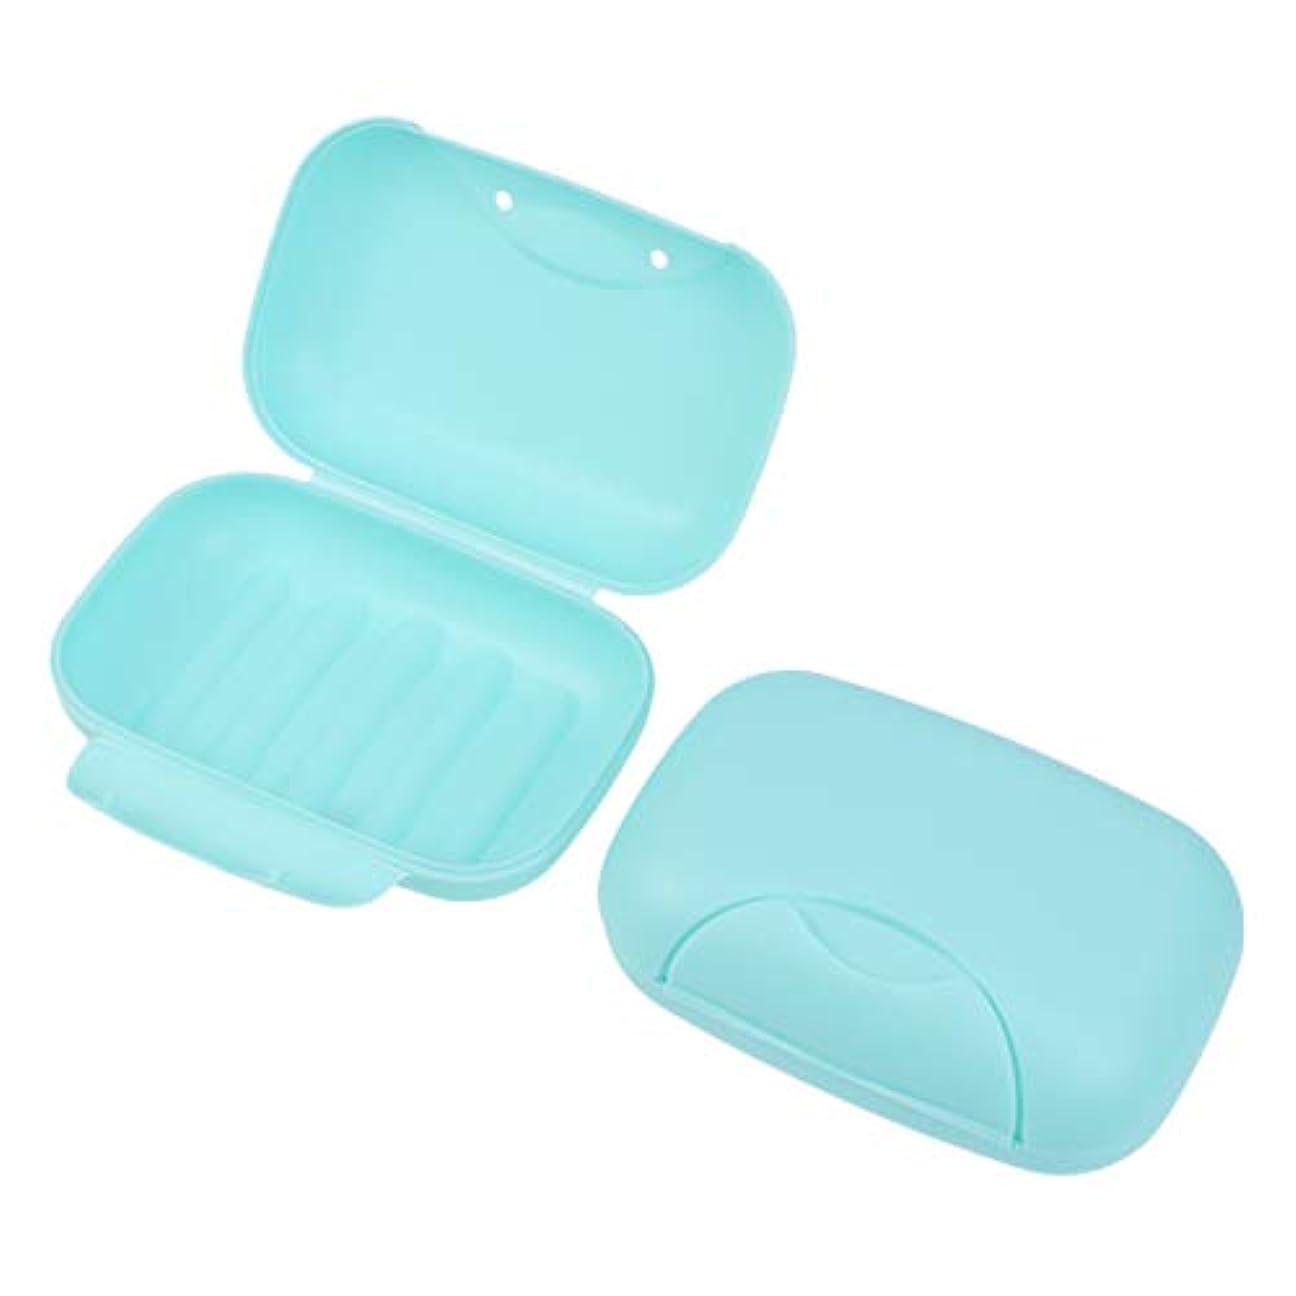 微弱端末ルーチンHealifty 旅行用ソープボックス防水石鹸皿ソープホルダー2個(青)